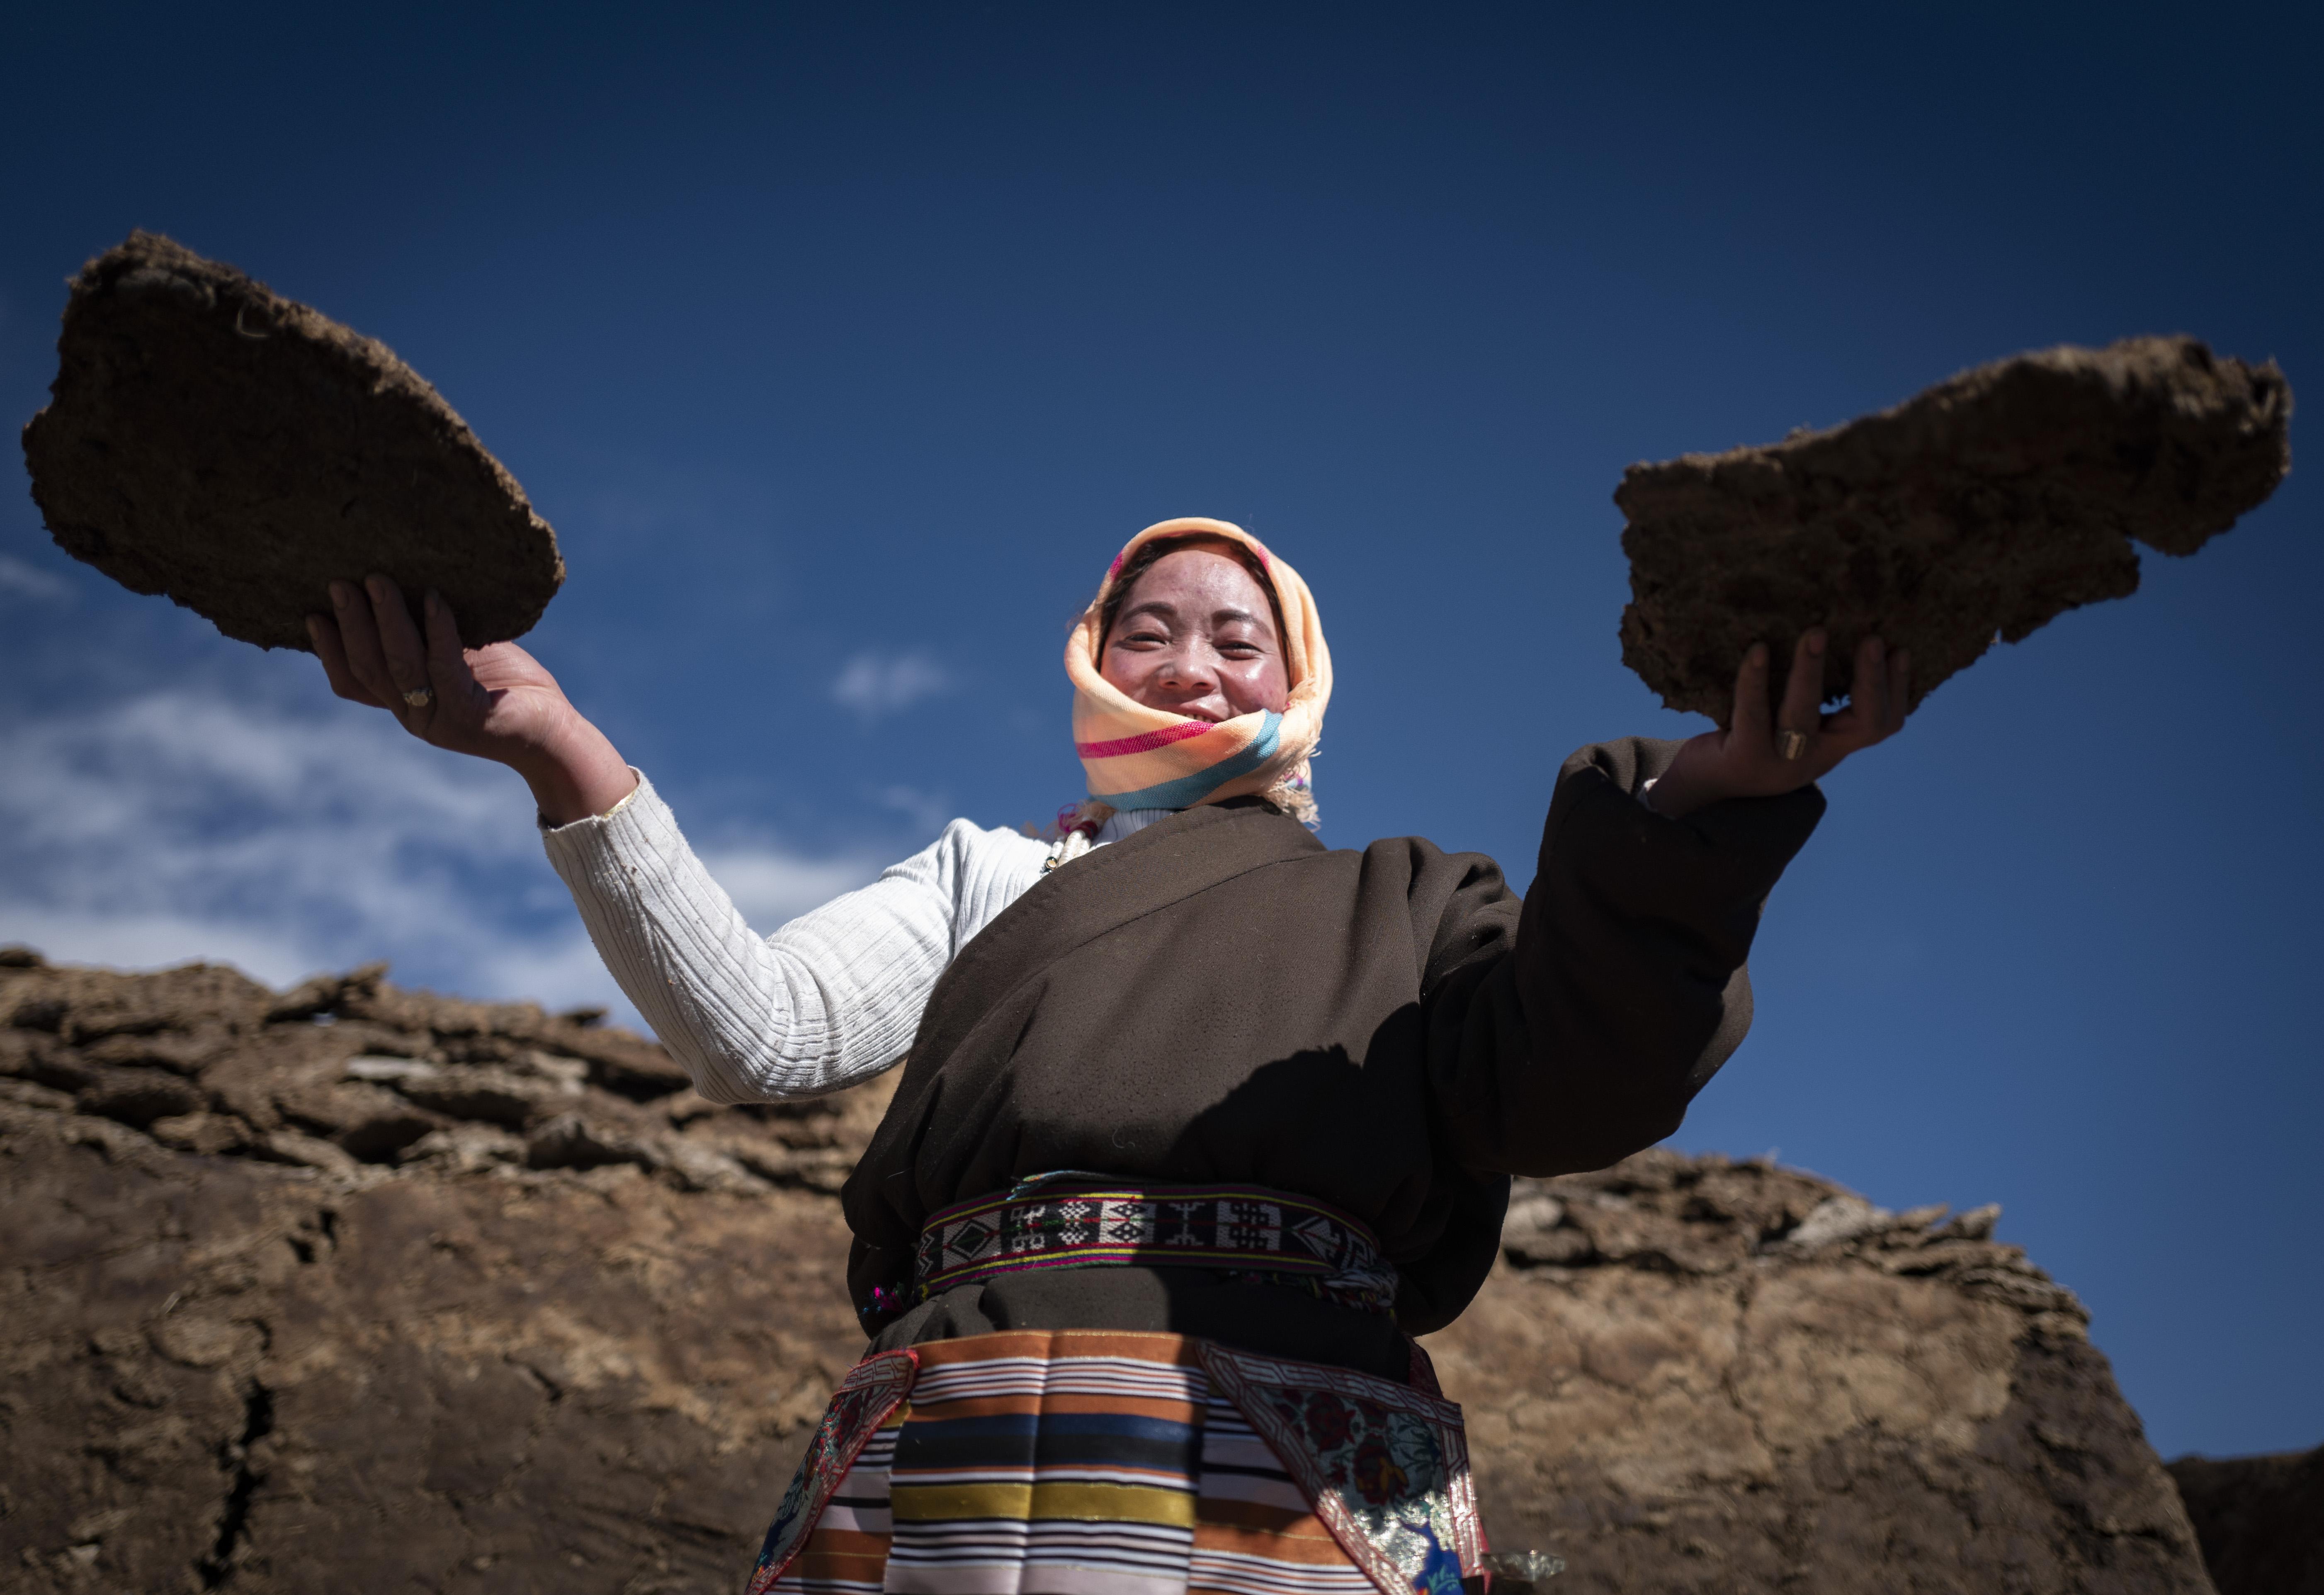 冬季藏北高原牧民生活